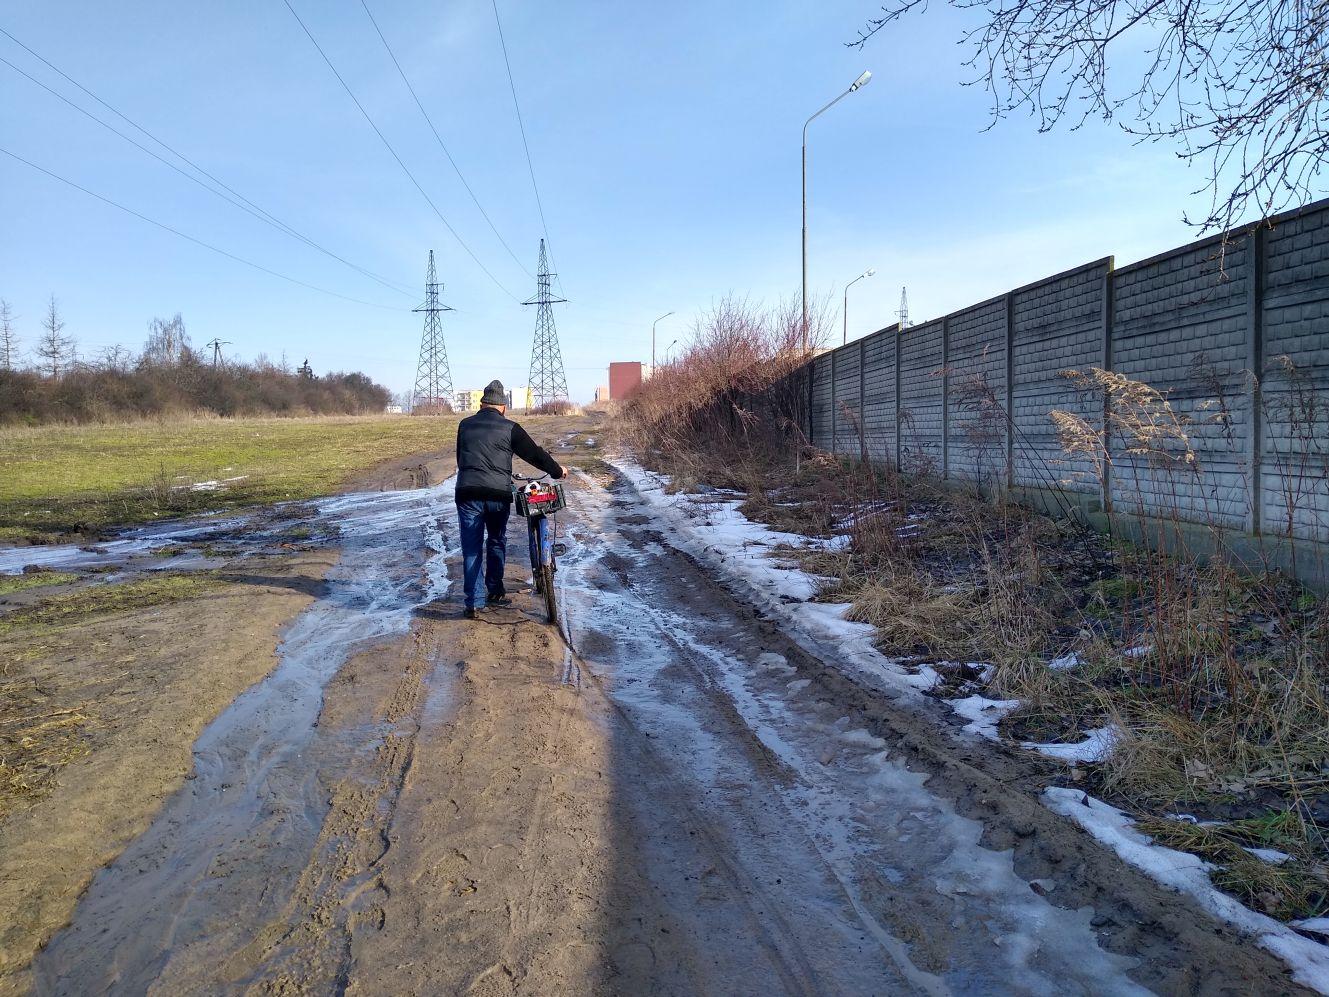 """[FOTO] W Kutnie powstanie nowa ulica? """"Mieszkańcy mogliby się sprzeciwić"""" - Zdjęcie główne"""